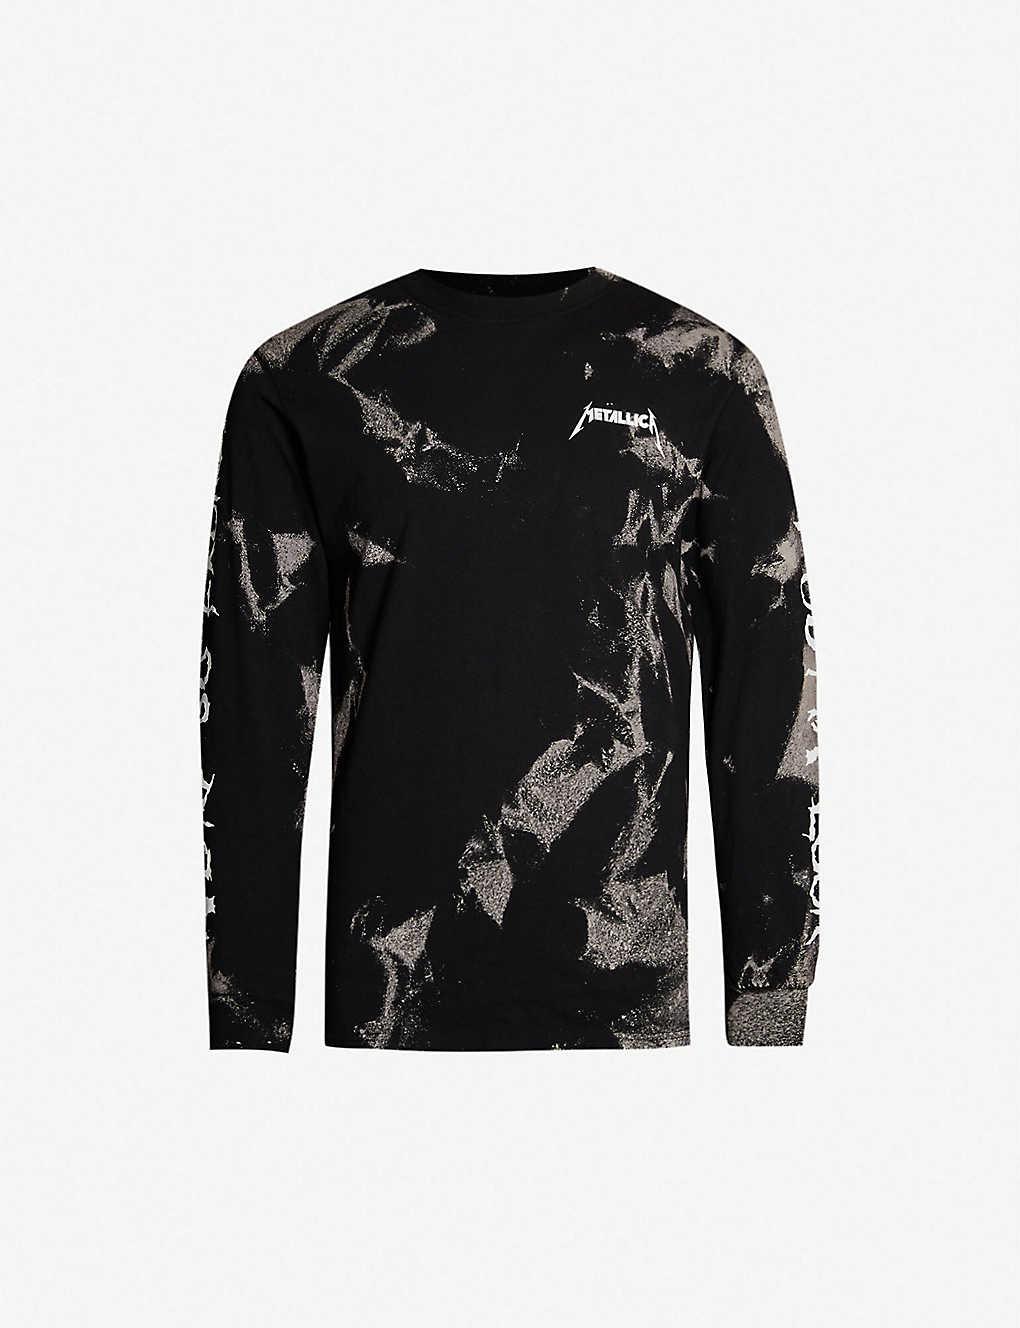 7bba5f2c METALLICA - Bleached logo-print cotton-jersey T-shirt | Selfridges.com